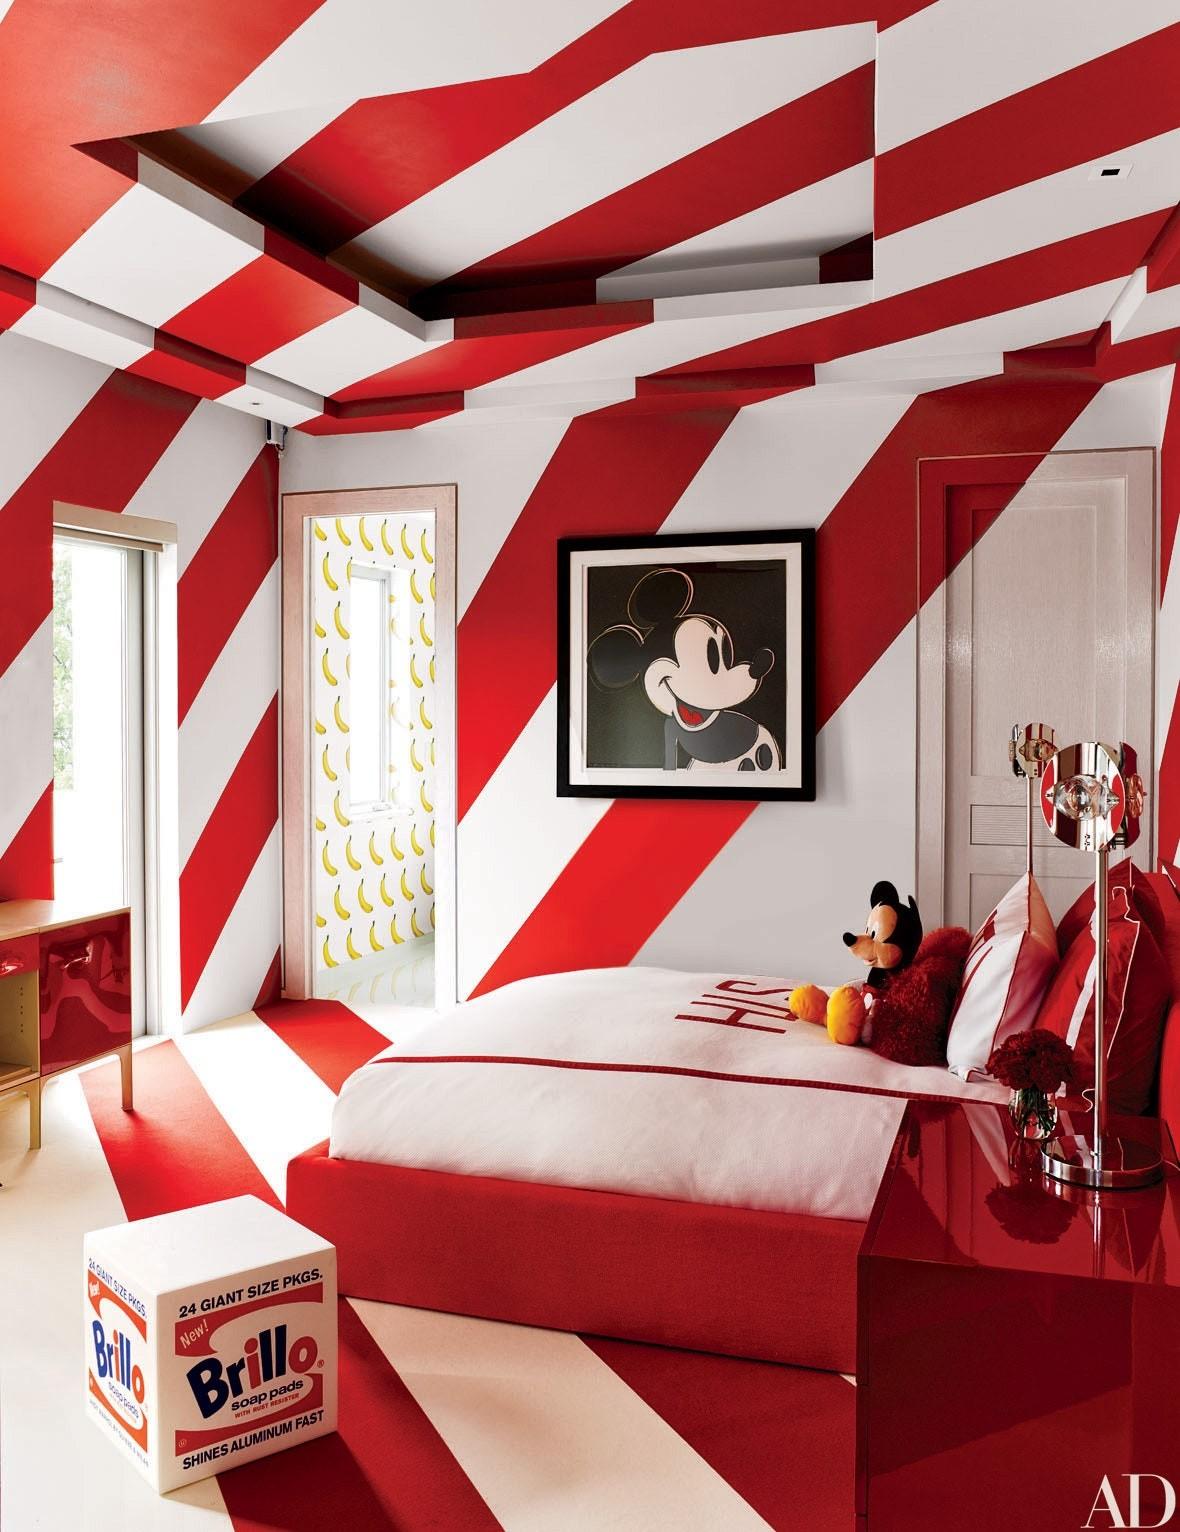 ألوان دهانات مناسبة لغرف أطفال أولاد- مزيج من الأحمر والأبيض